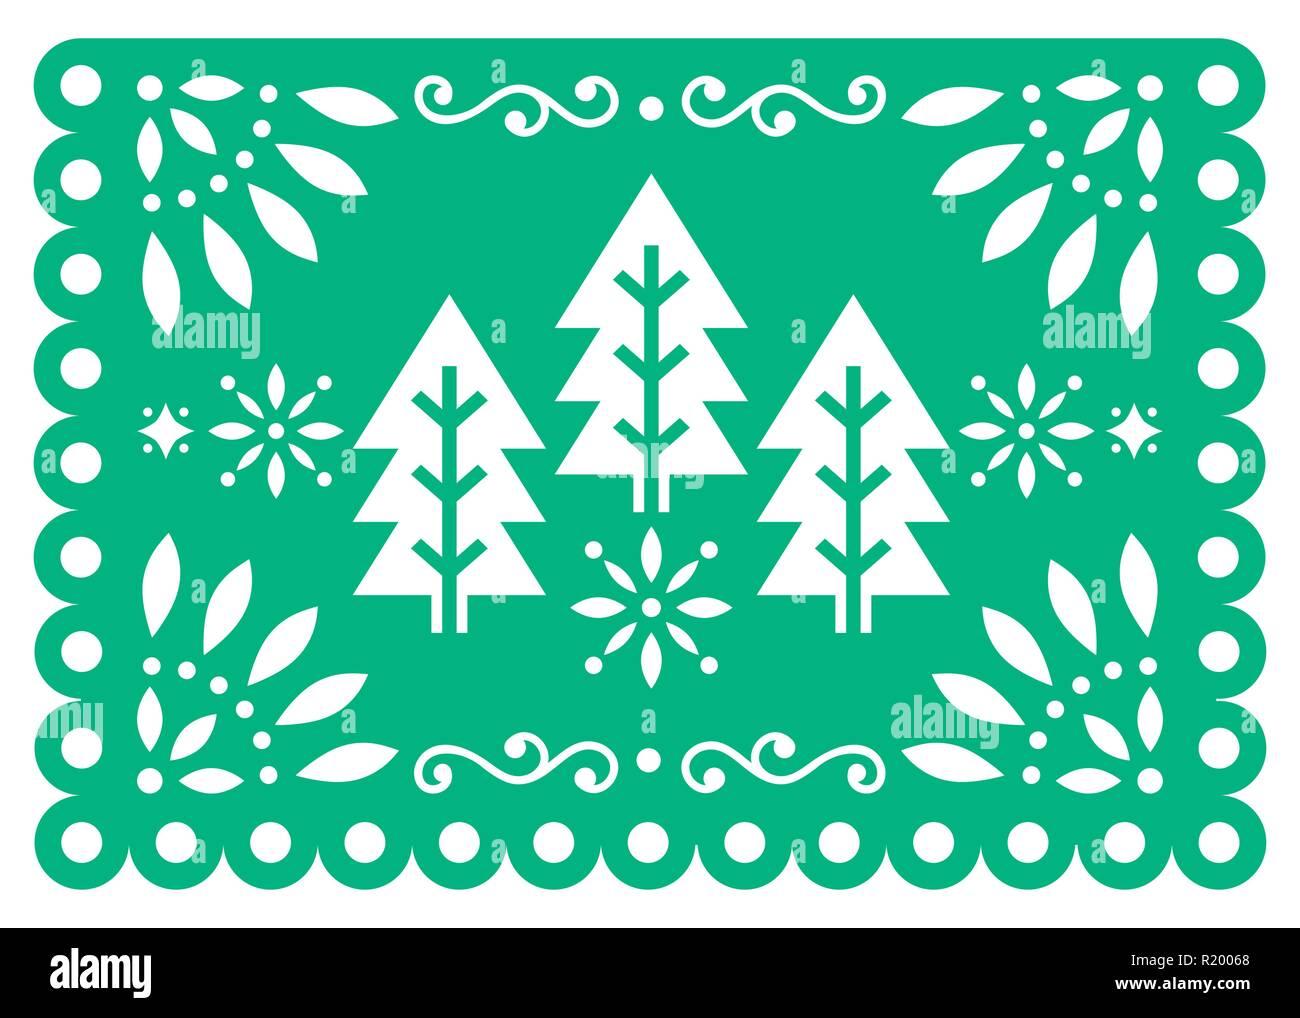 Decorazioni Di Natale Disegni.Natale Papel Picado Disegno Vettoriale Con Alberi Di Natale